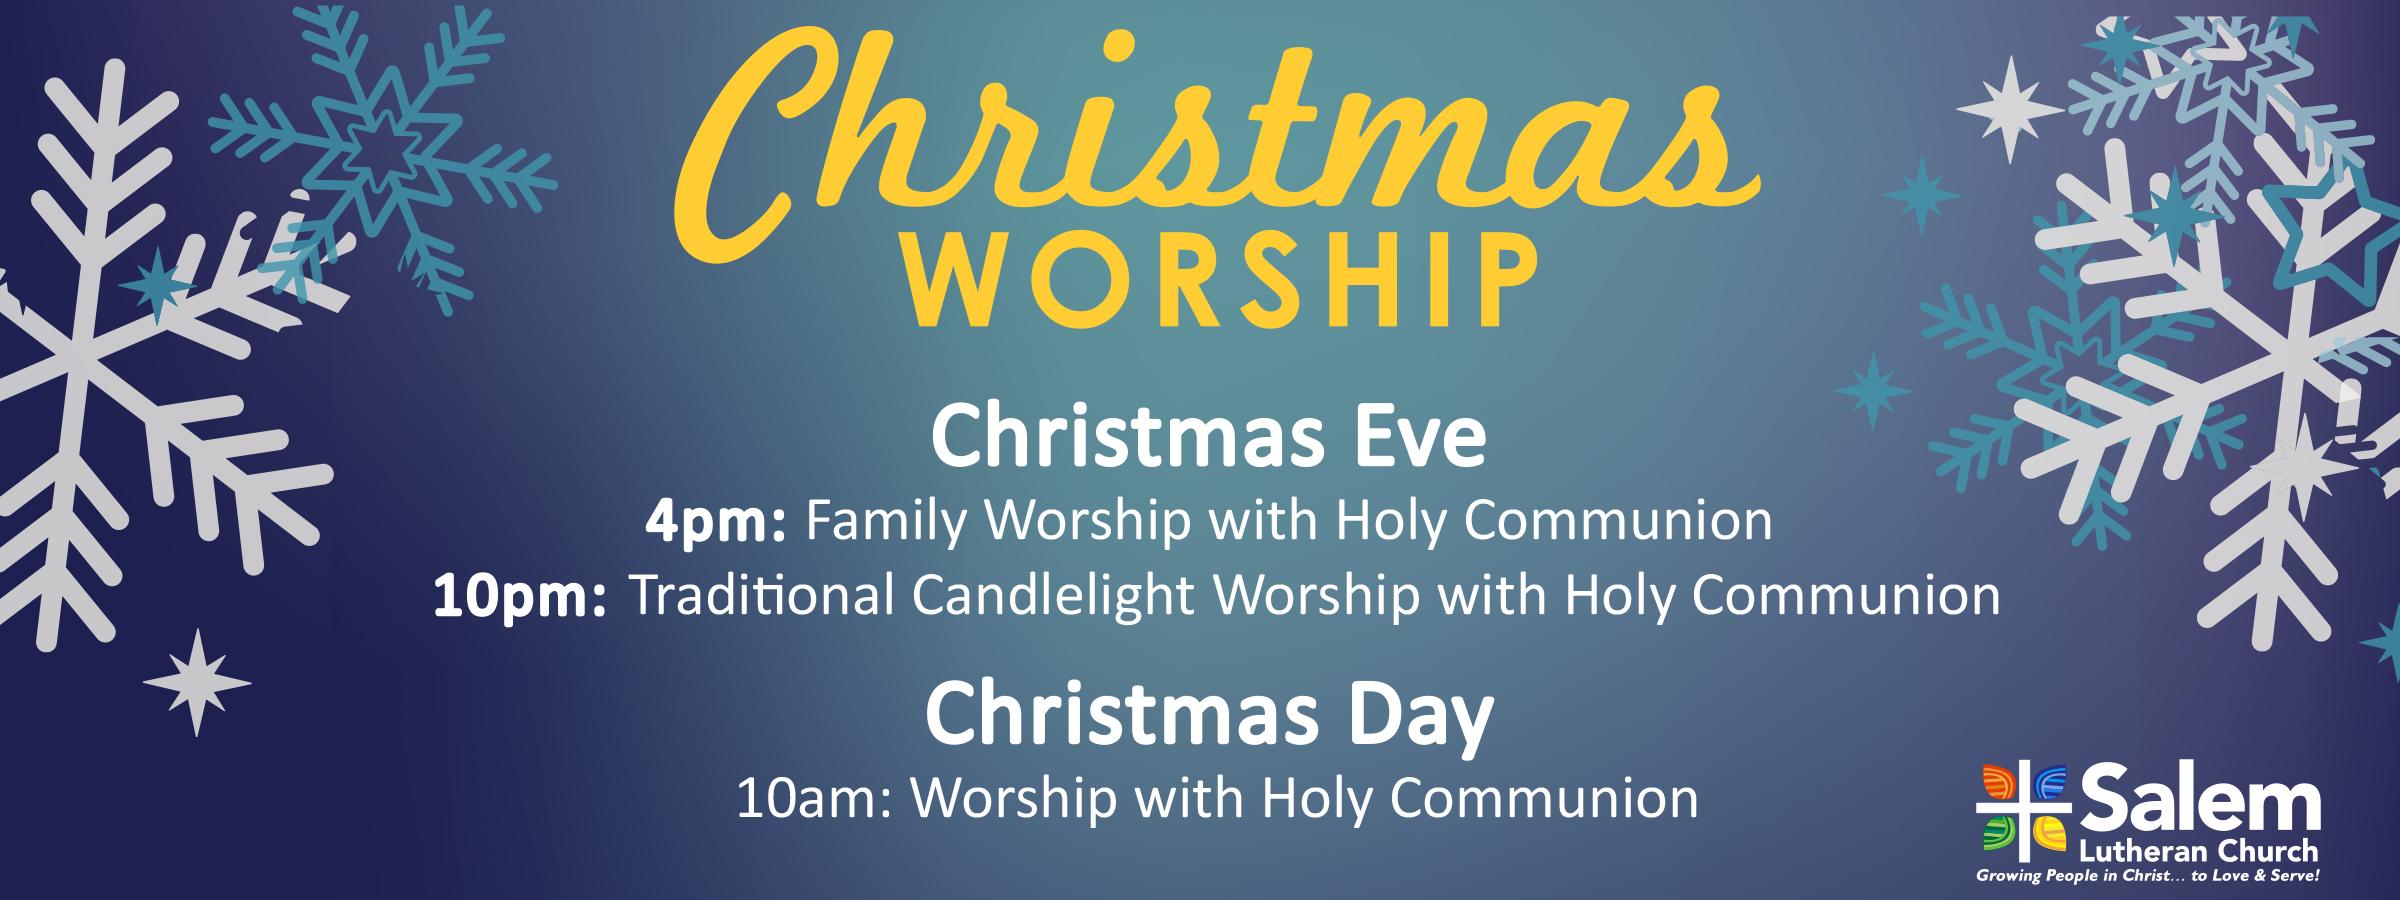 Christmas Worship 2018